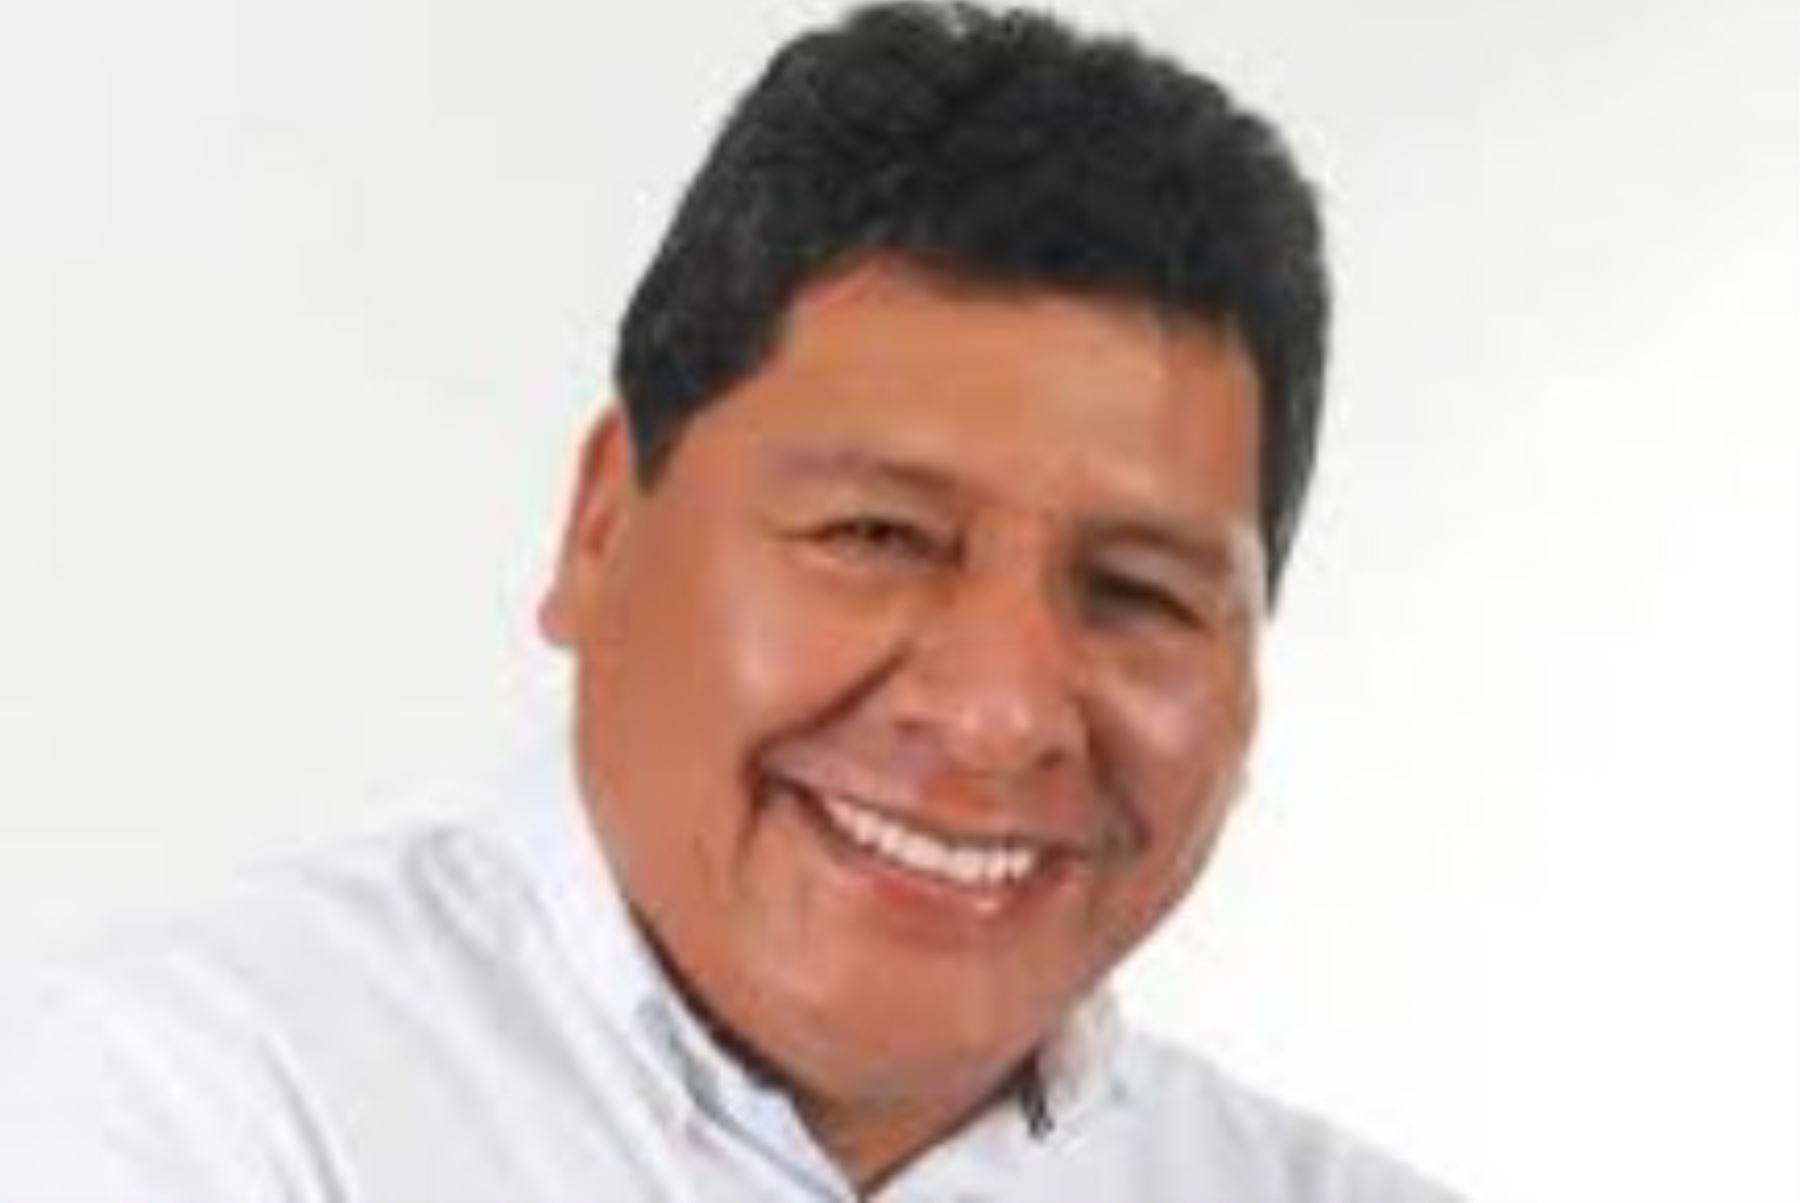 """Javier Gallegos (Obras por la Modernidad) sería el virtual nuevo gobernador regional de Ica, al haber logrado el 35.6% de los sufragios en los comicios de hoy, según la encuesta """"a boca de urna"""" realizada por la empresa encuestadora Ipsos."""